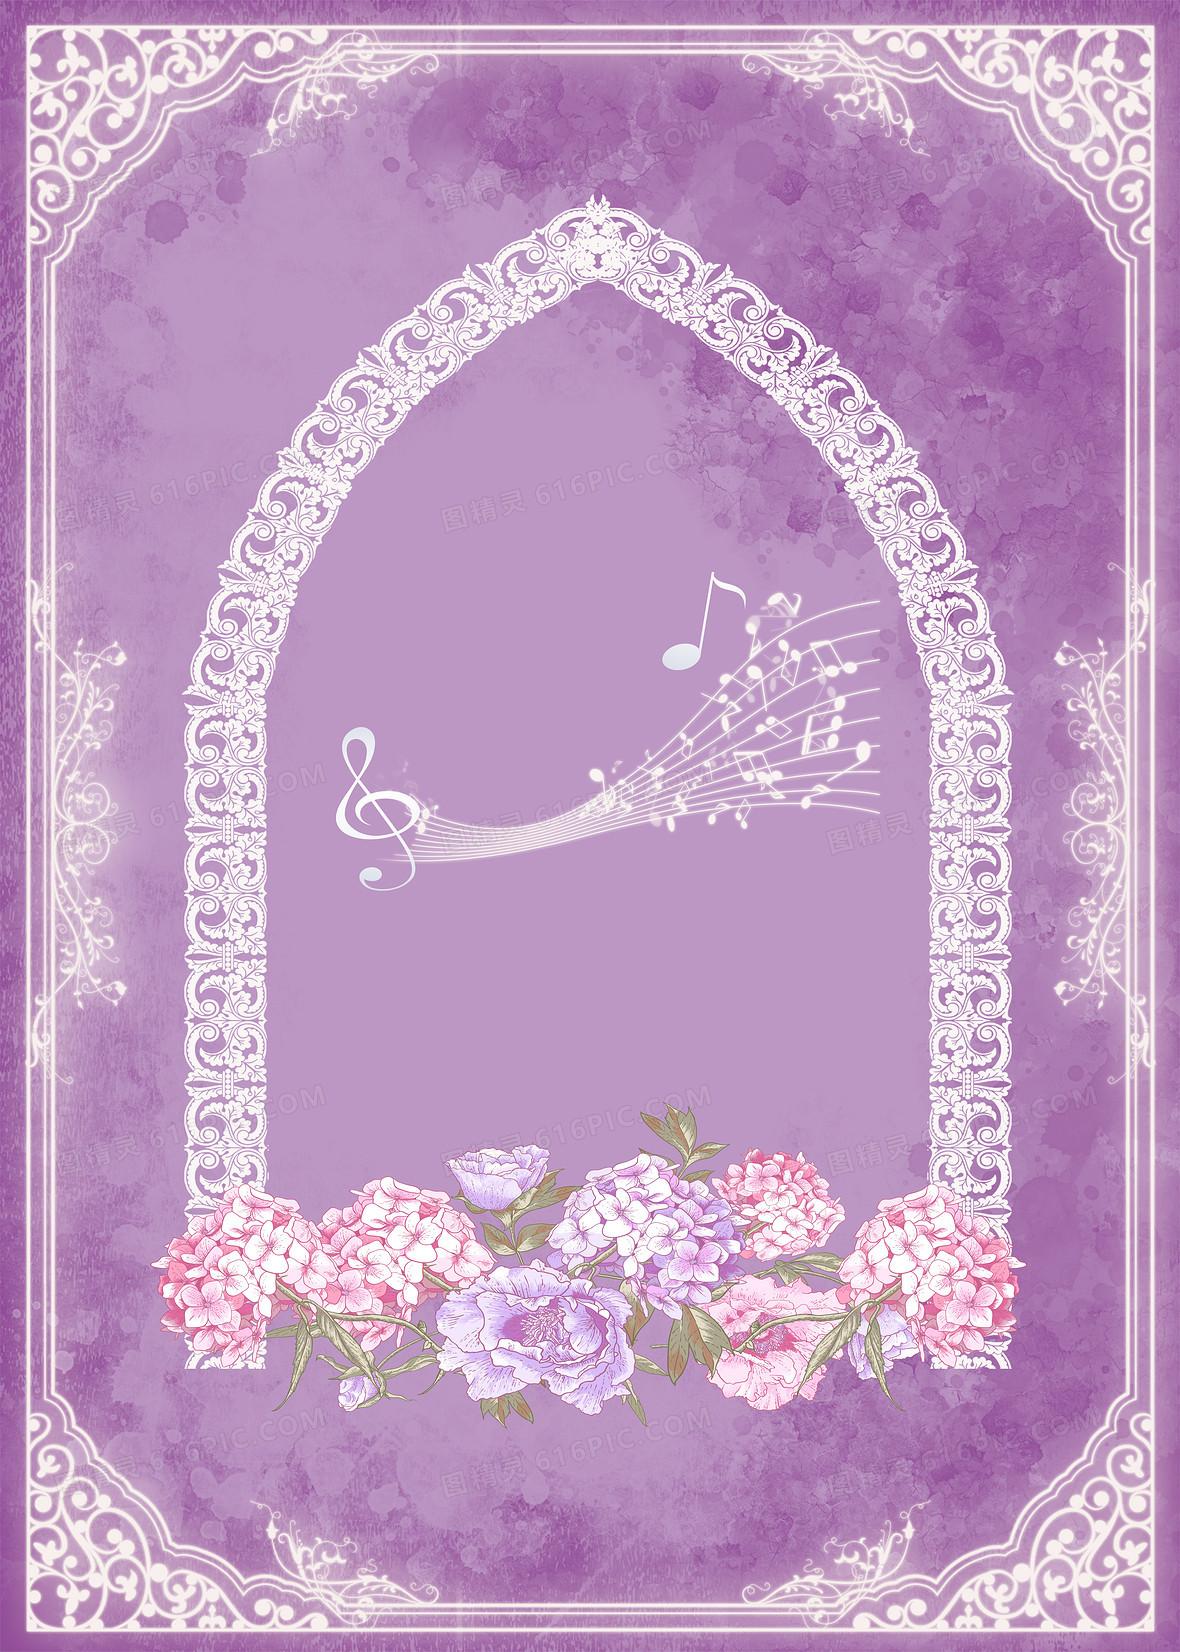 紫色浪漫花朵边框背景